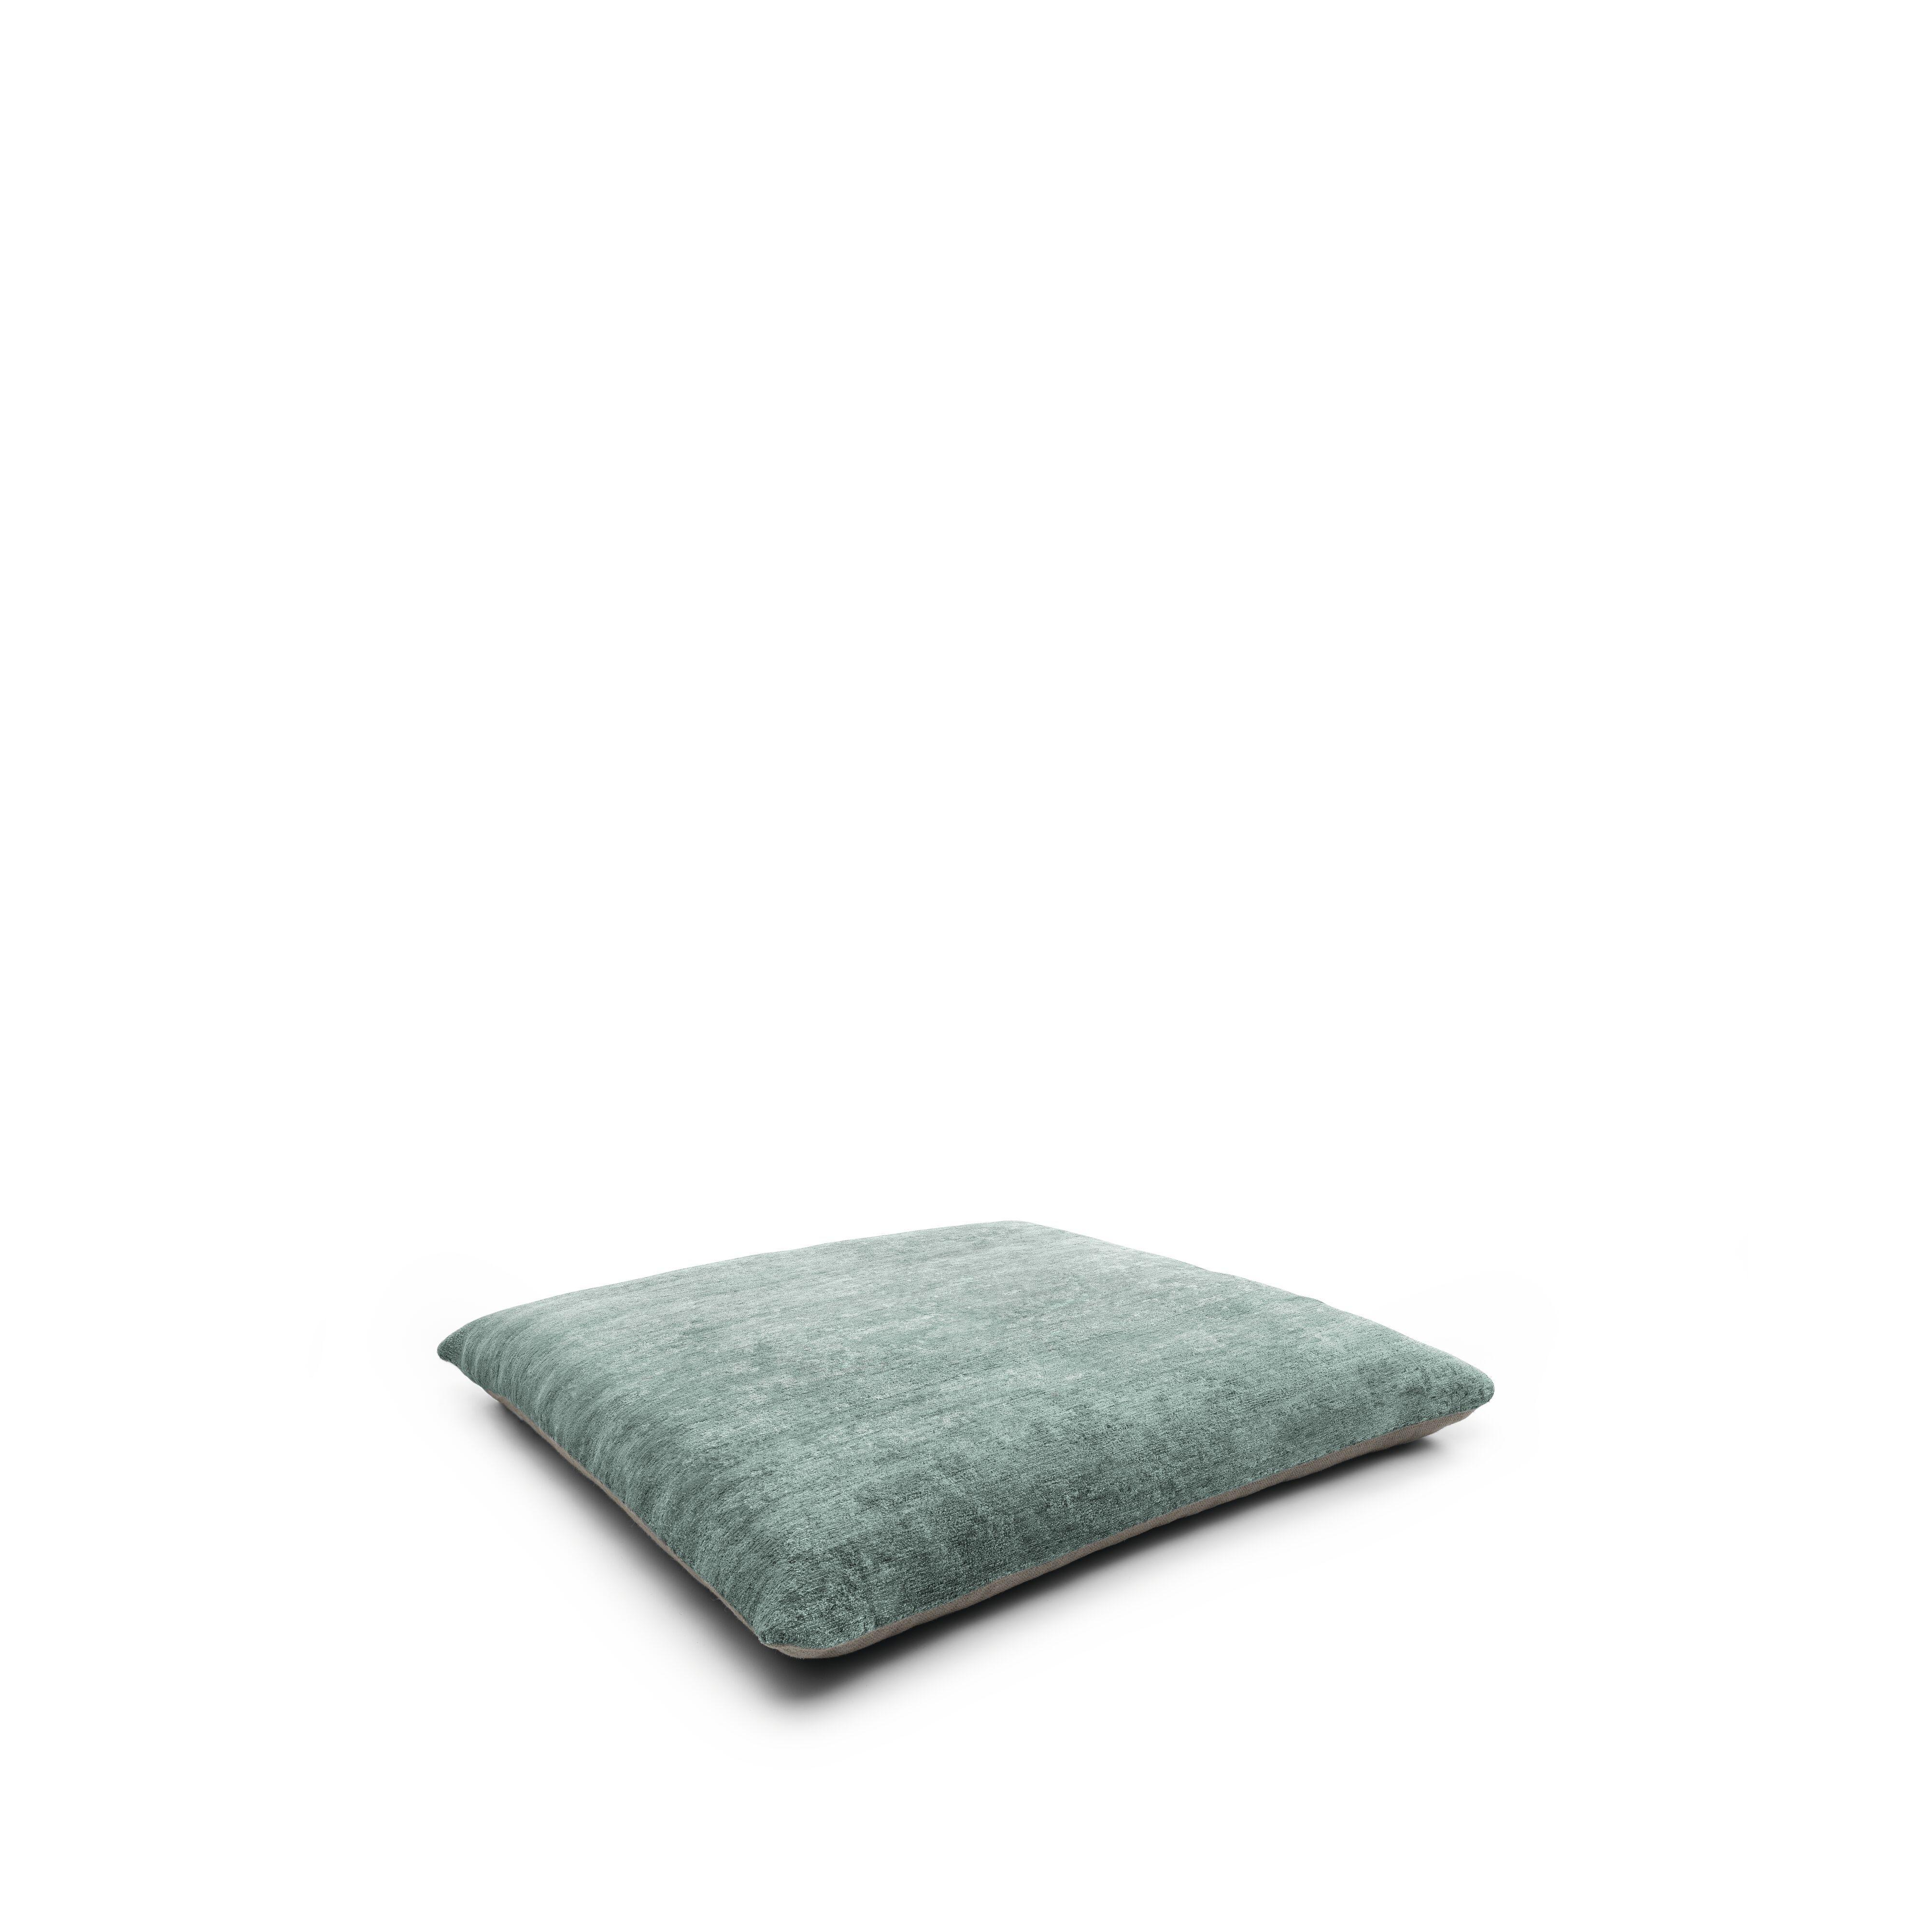 01-WK-Badawi-Pillows-Zumaridi-1x1-0004-H.tif